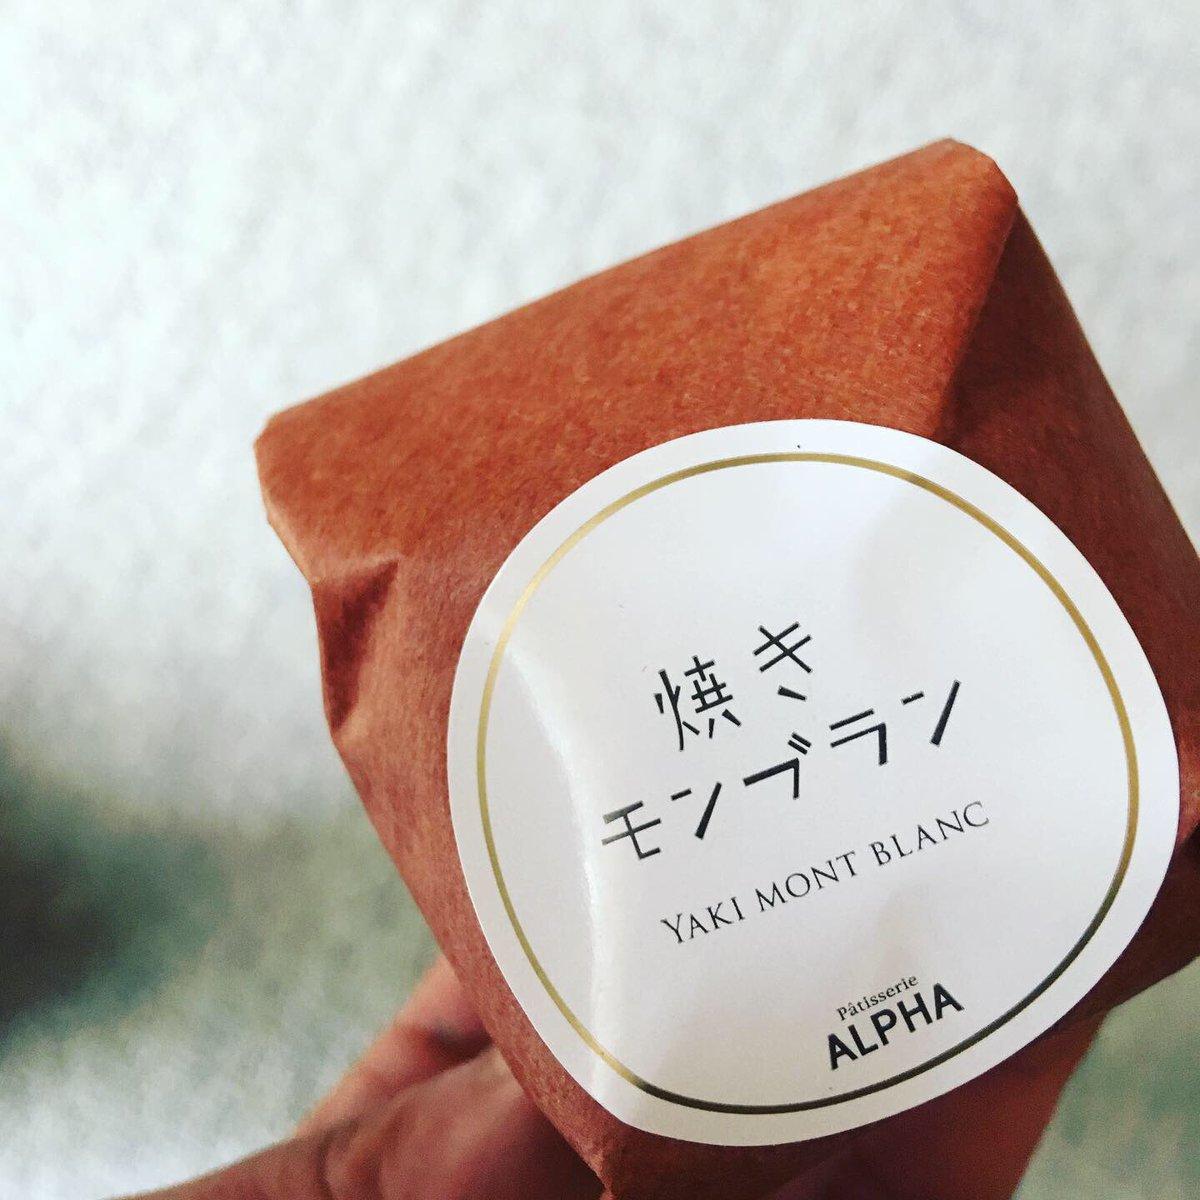 test ツイッターメディア - お土産で貰った「焼きモンブラン」 これがまた美味しいんだわ😆 #焼きモンブラン #広島 https://t.co/ESP86sRu3K